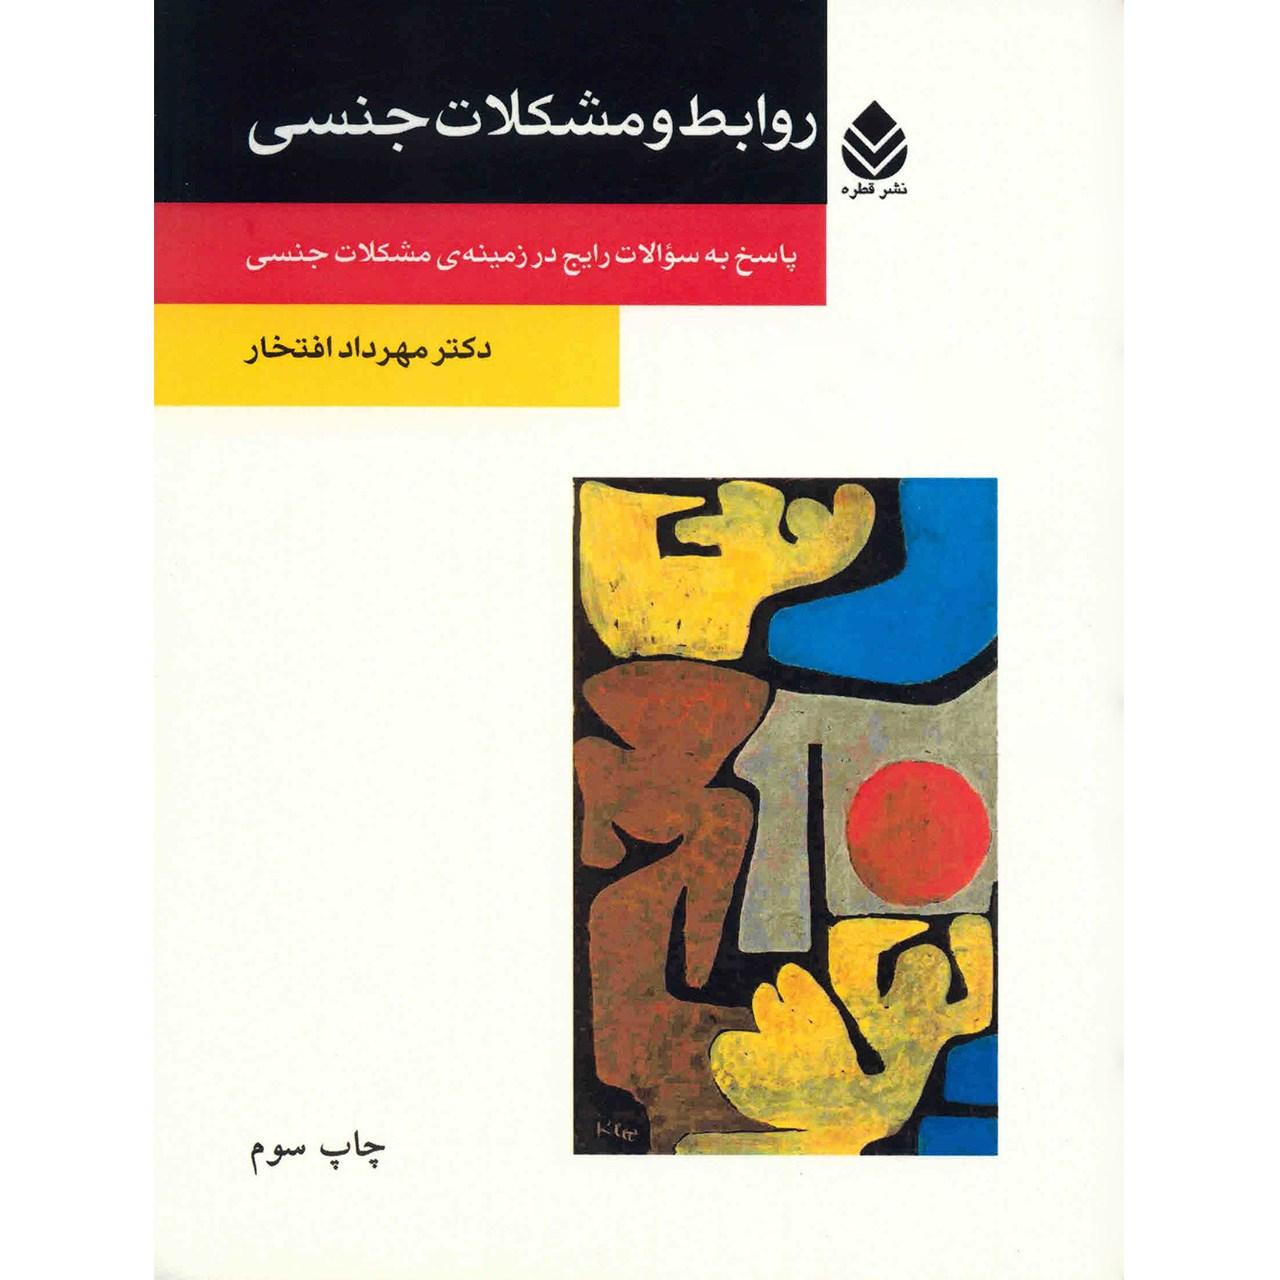 کتاب روابط و مشکلات جنسی اثر مهرداد افتخار